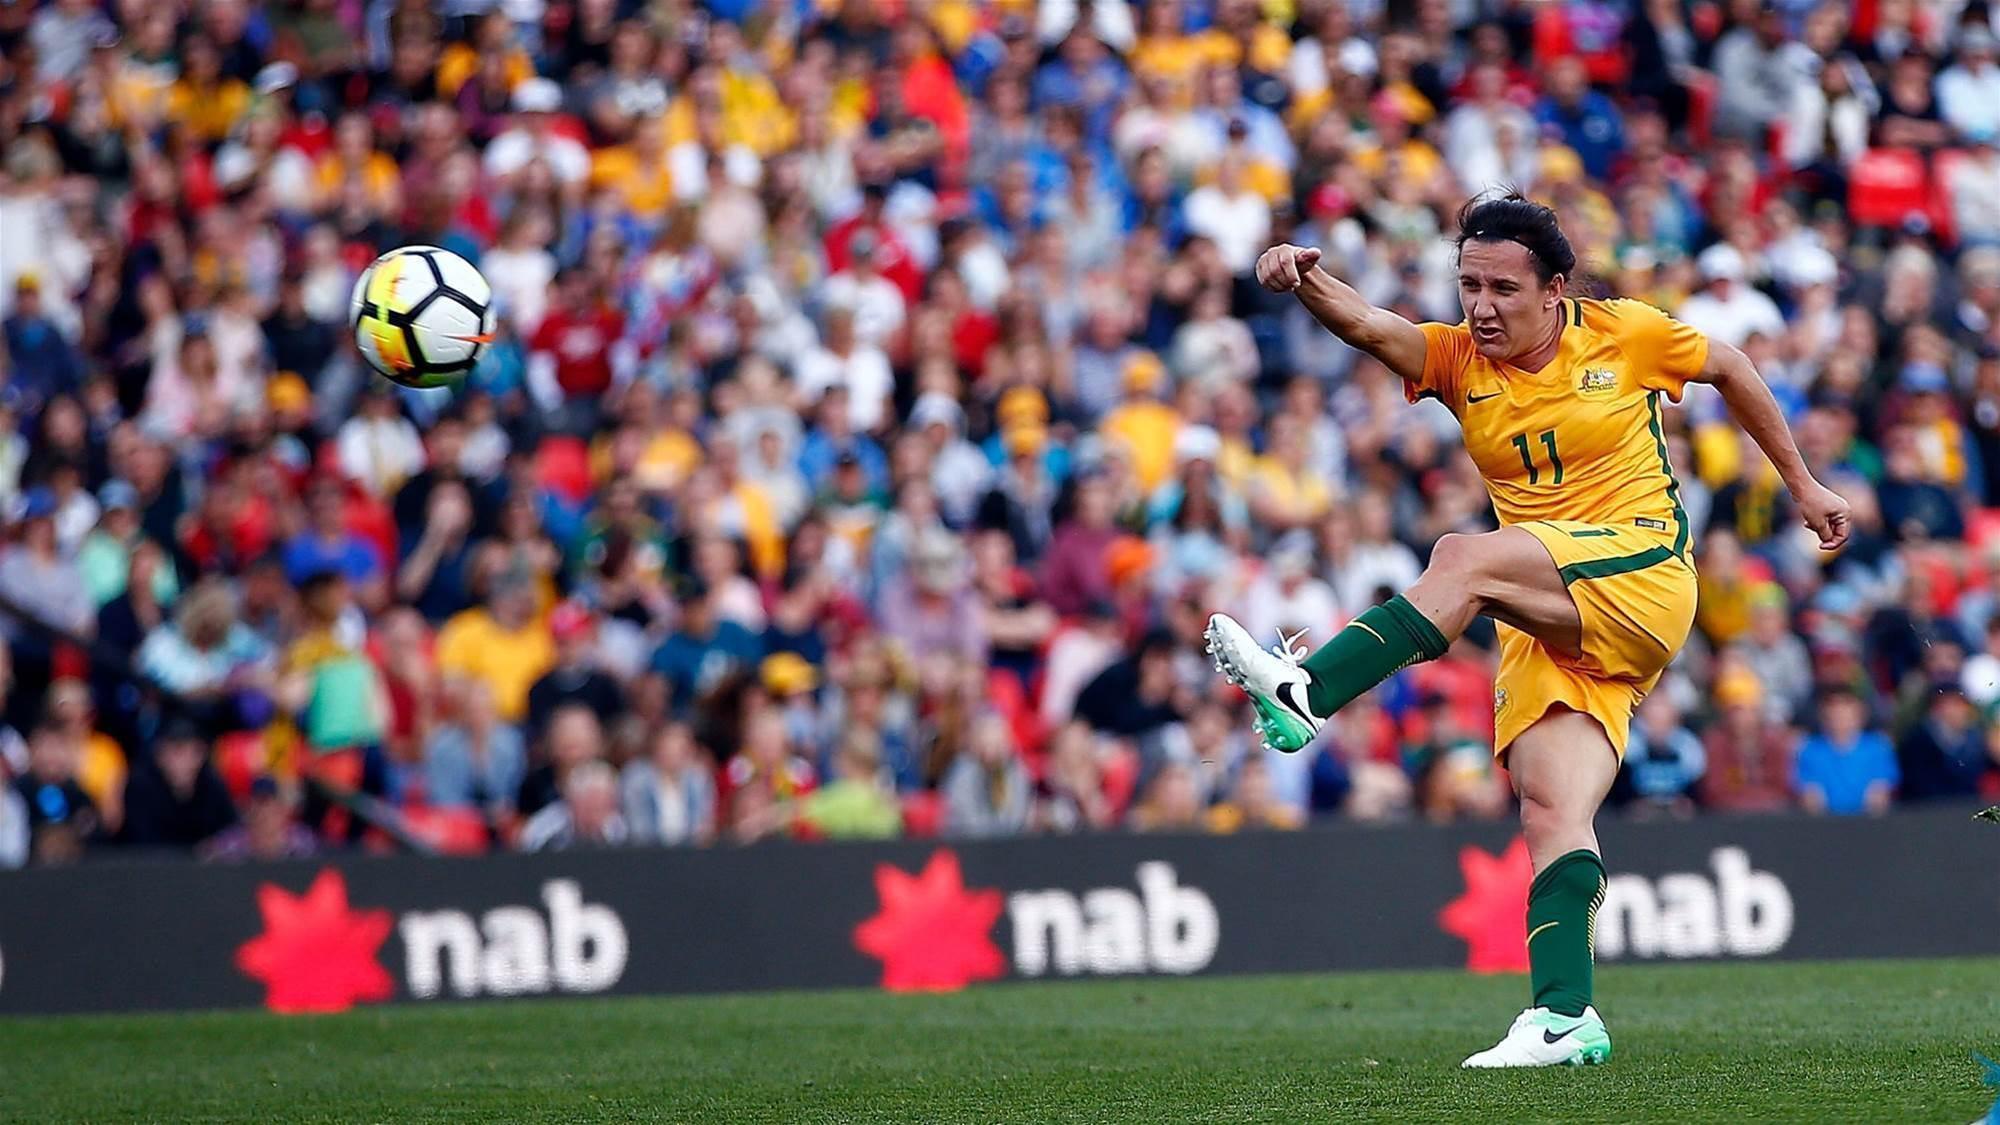 De Vanna: Matildas have a lot more to give